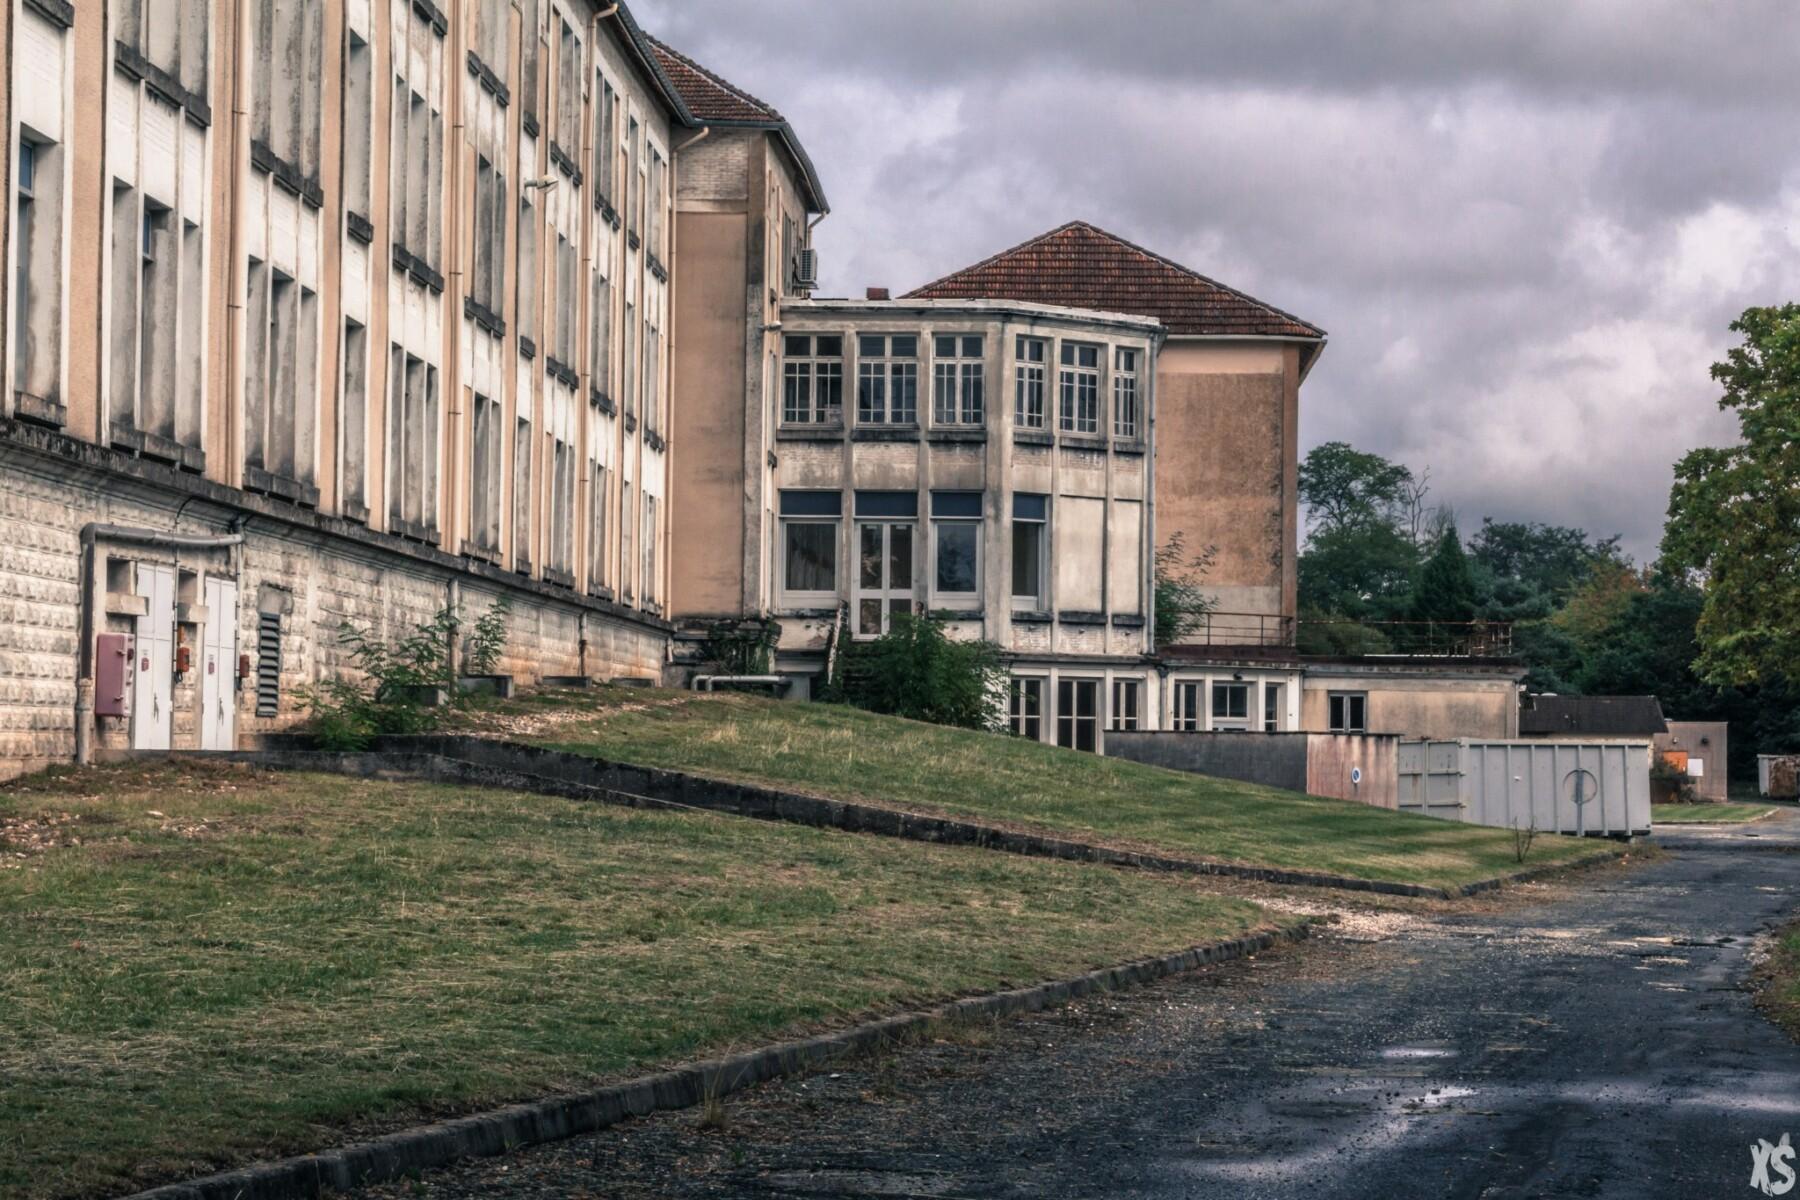 sanatorium-eugene-aram-60